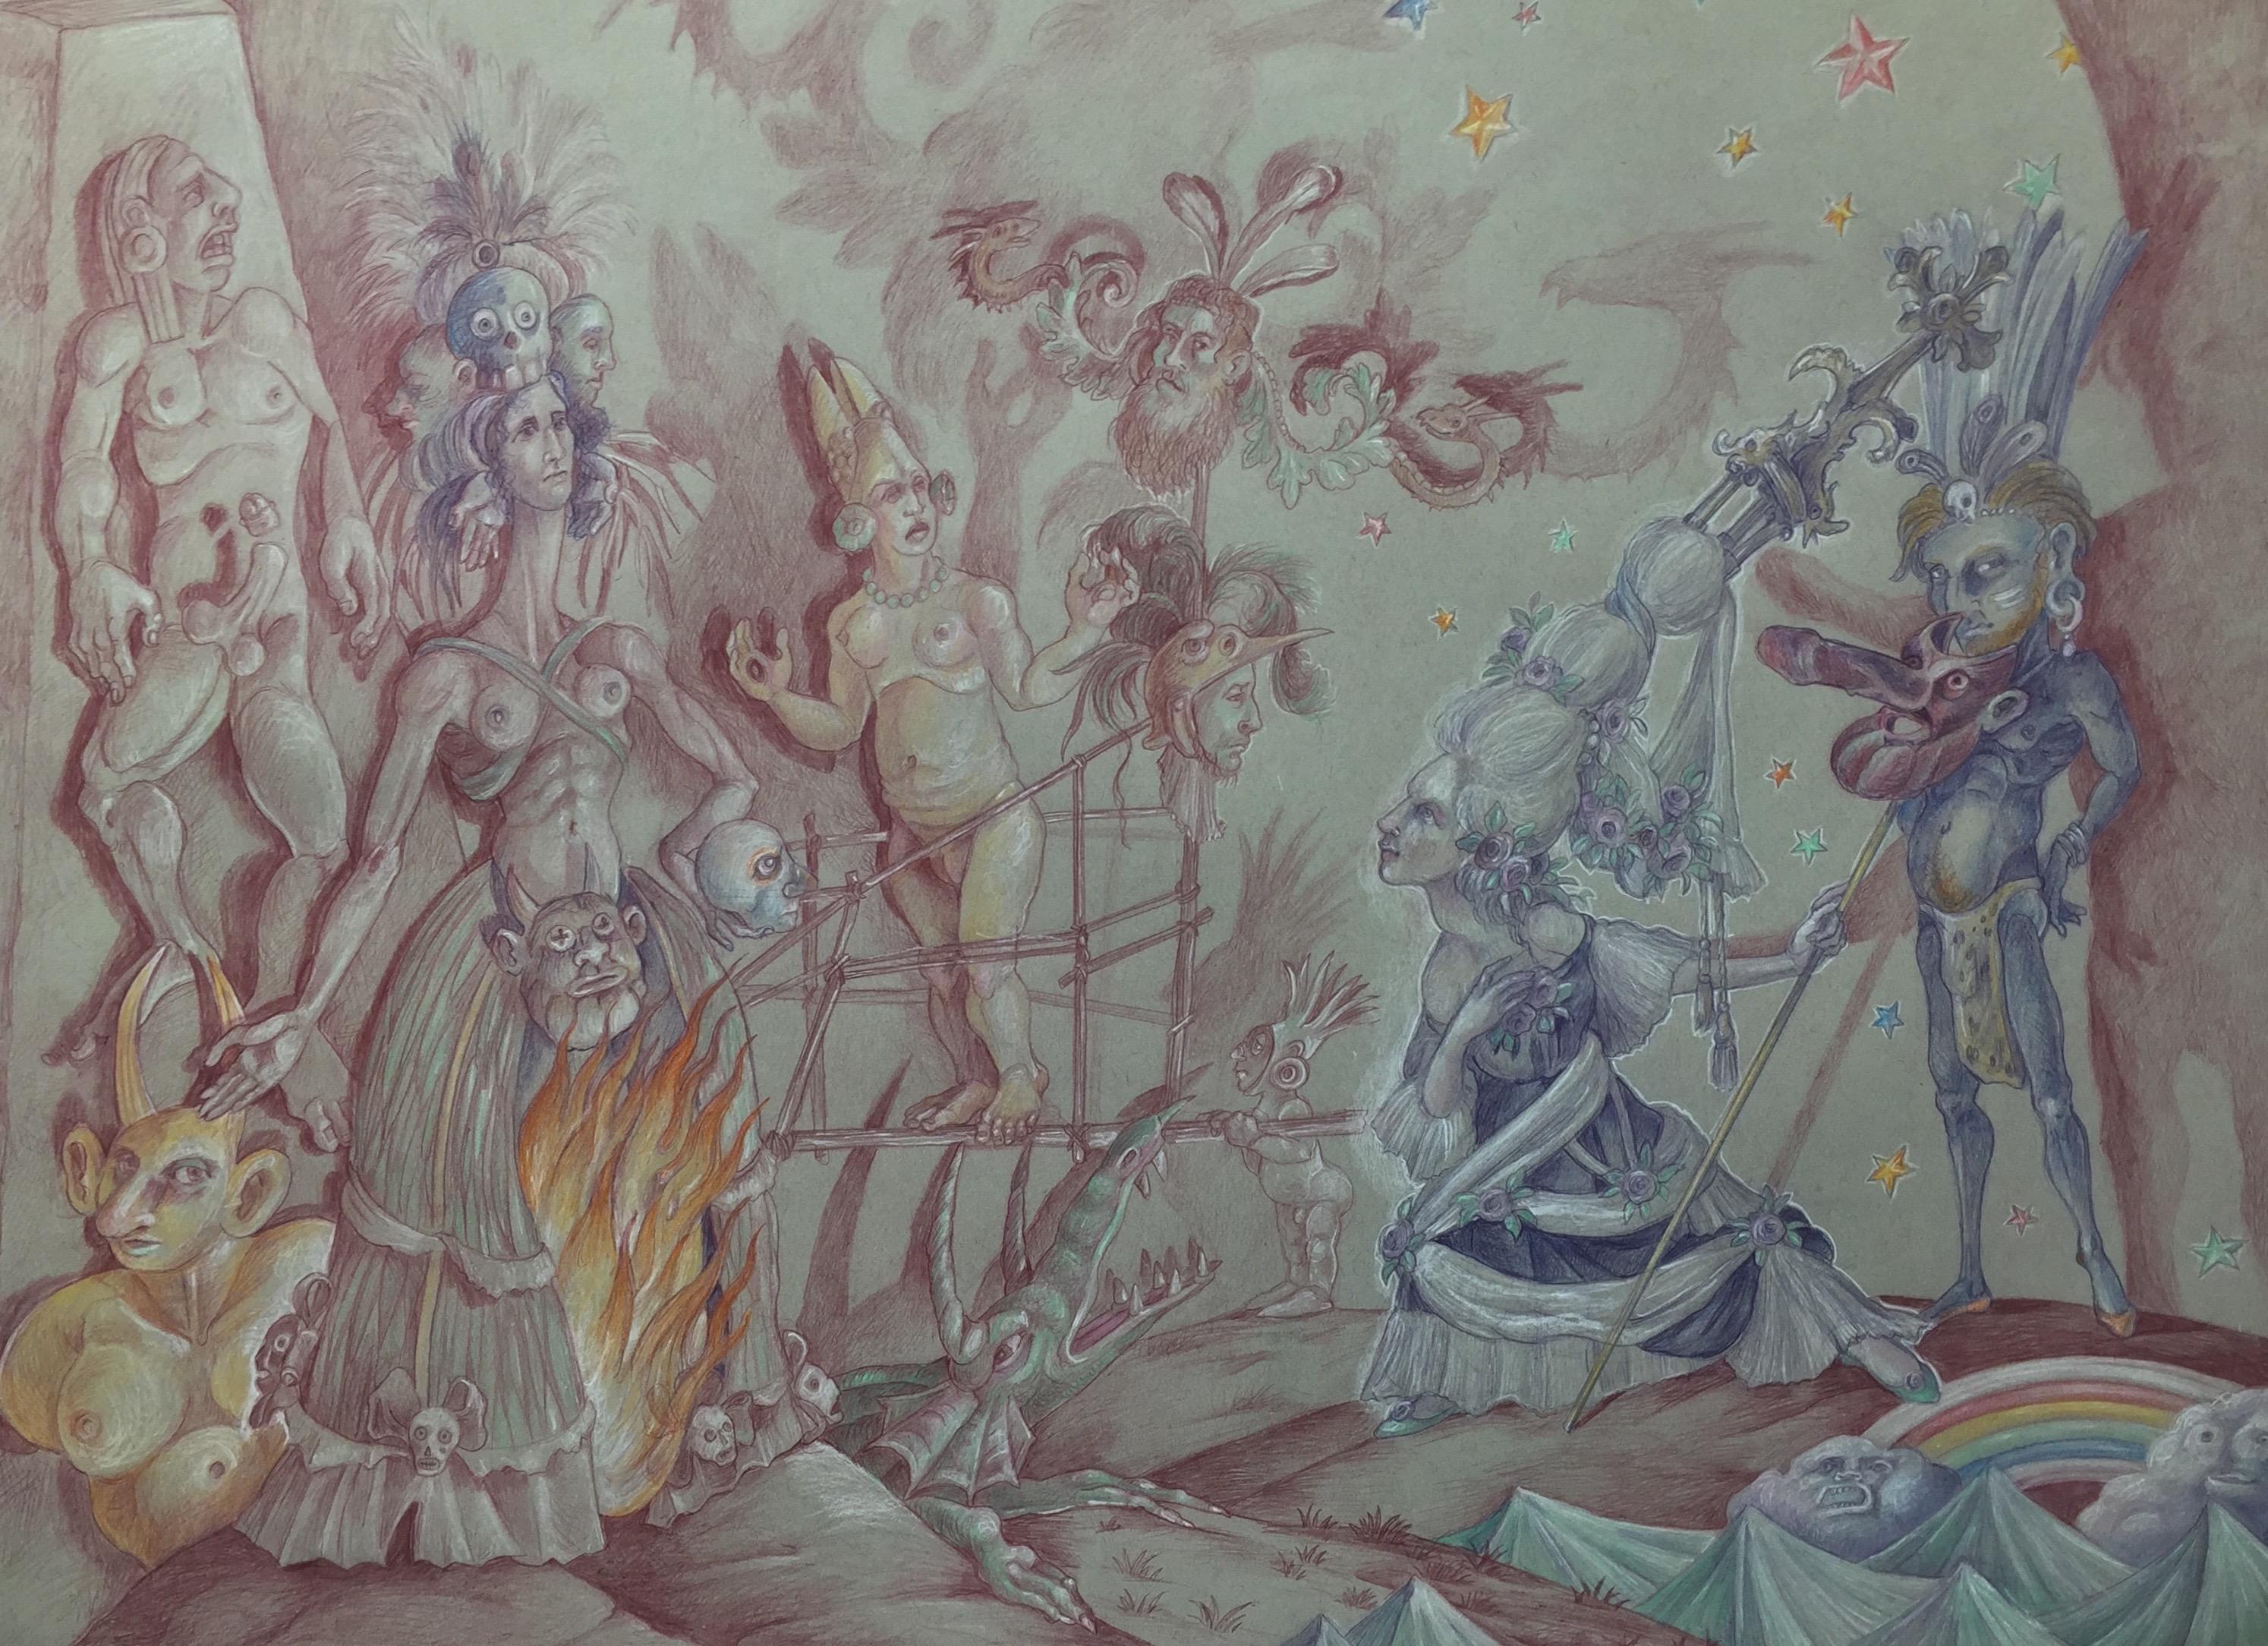 1-Rape of Tenochtitlan